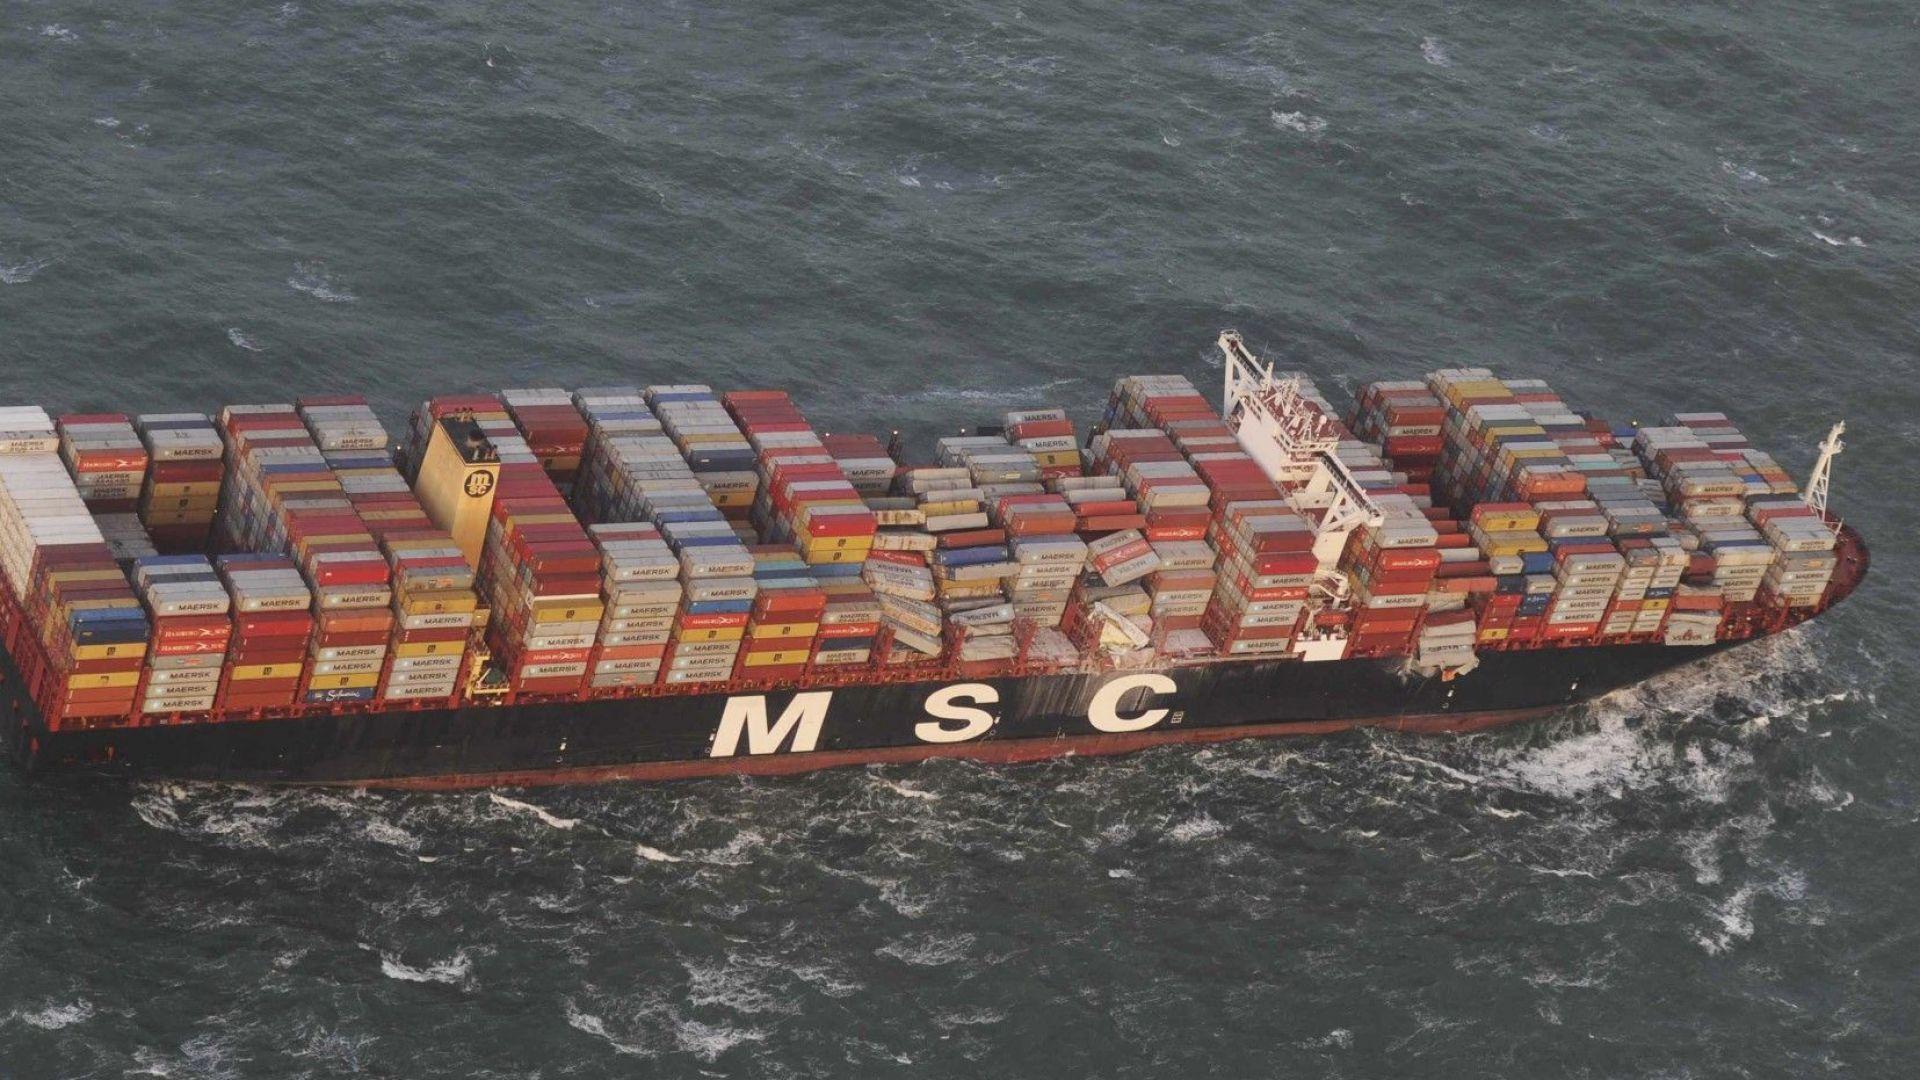 Десетки контейнери със стоки, сред които плоскоекранни телевизори, изплуваха по